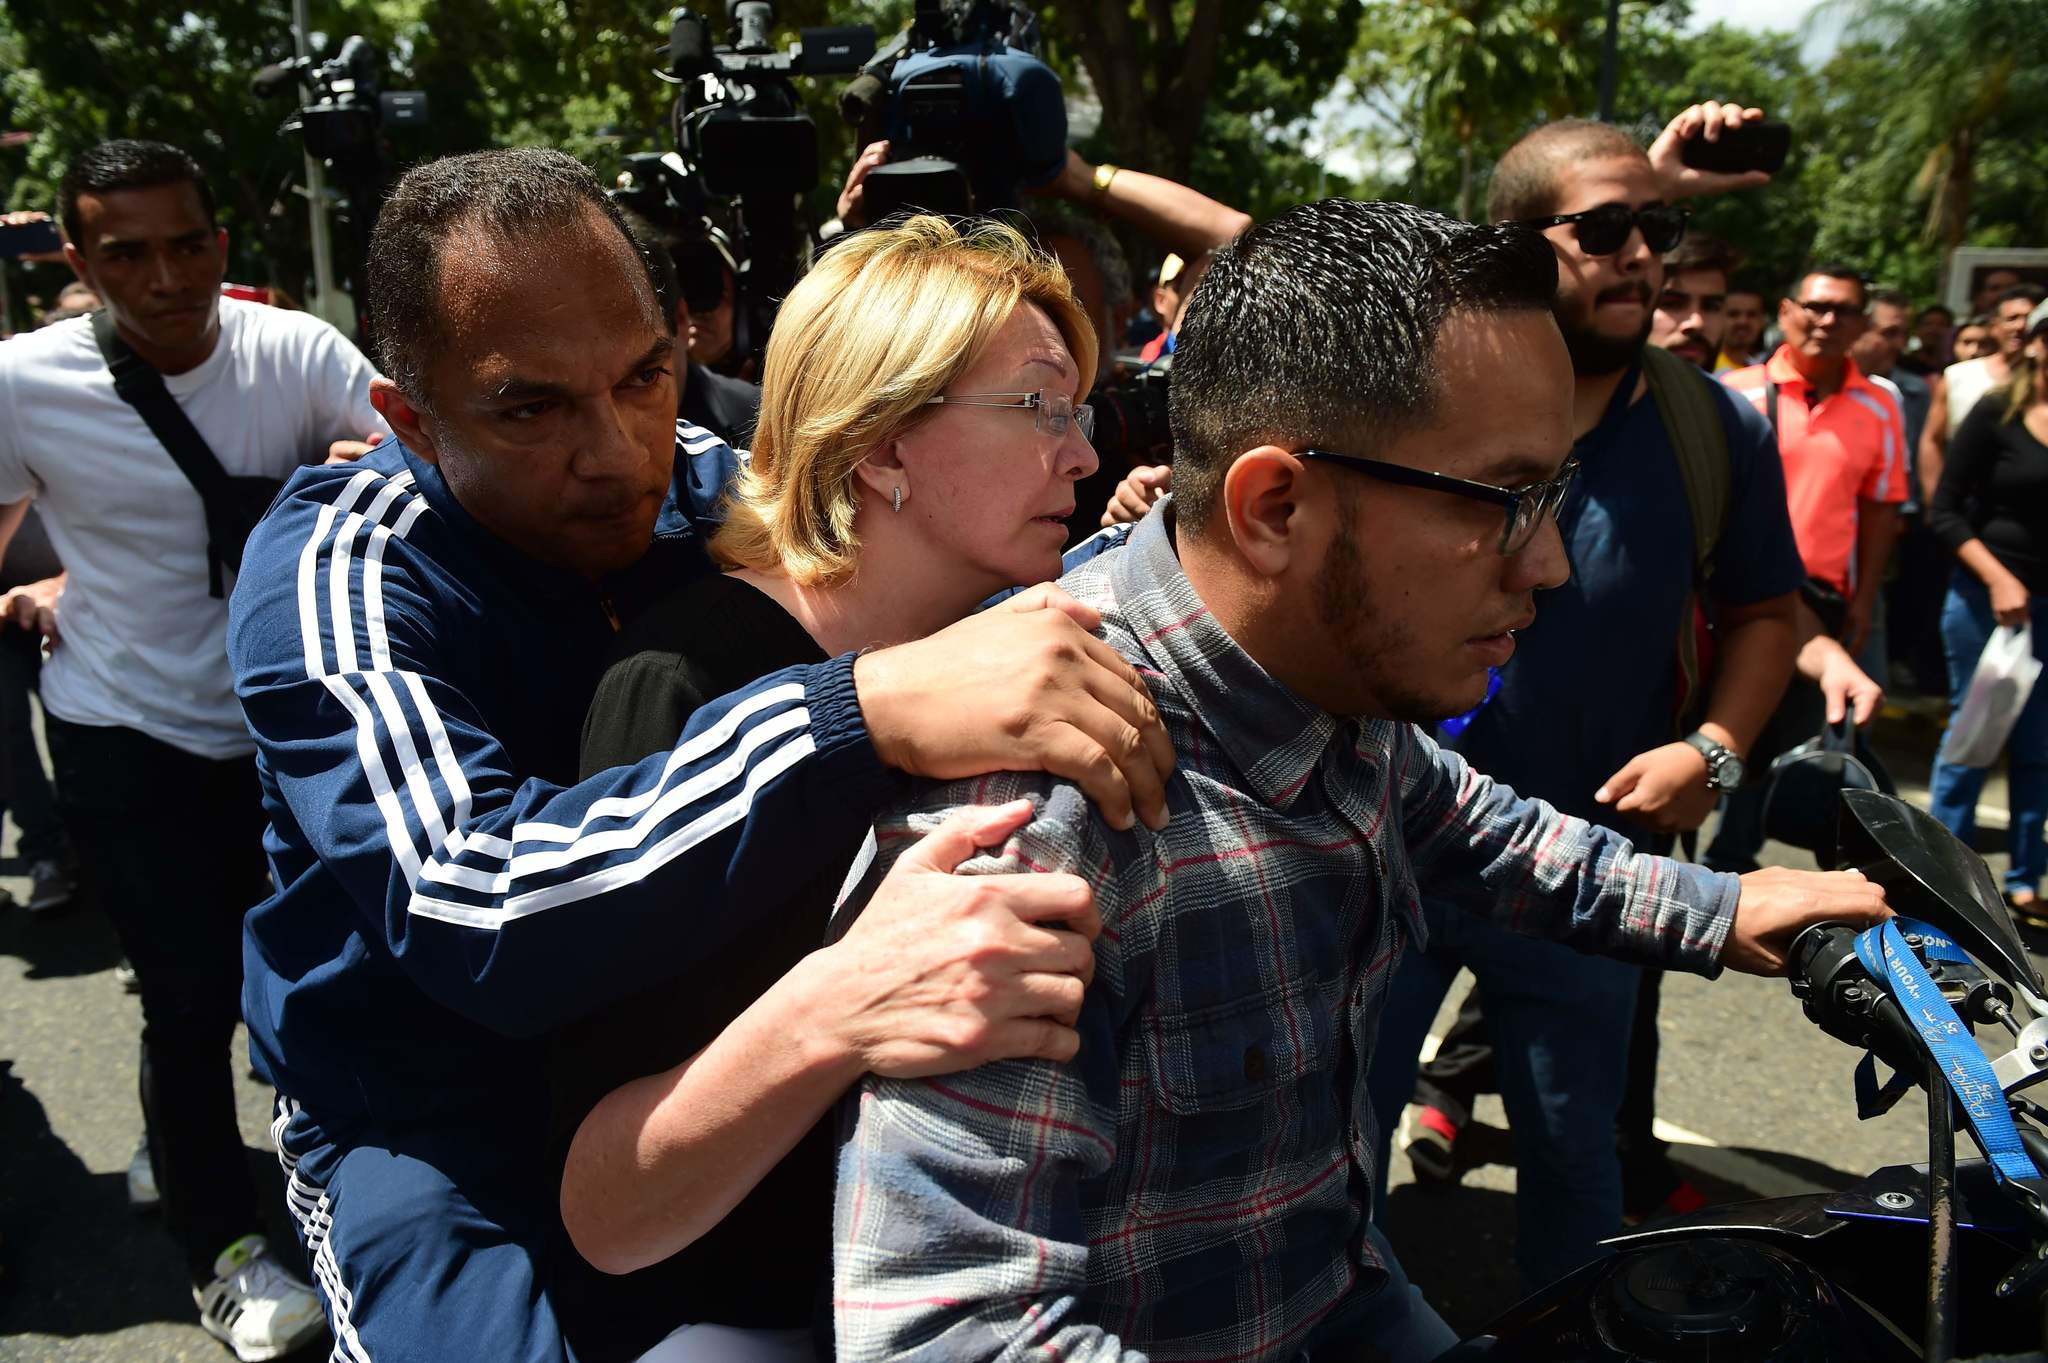 La ex fiscal Luisa Ortega, abandona el edificio de la Fiscalía venezolana en una moto, el pasado mes de agosto.